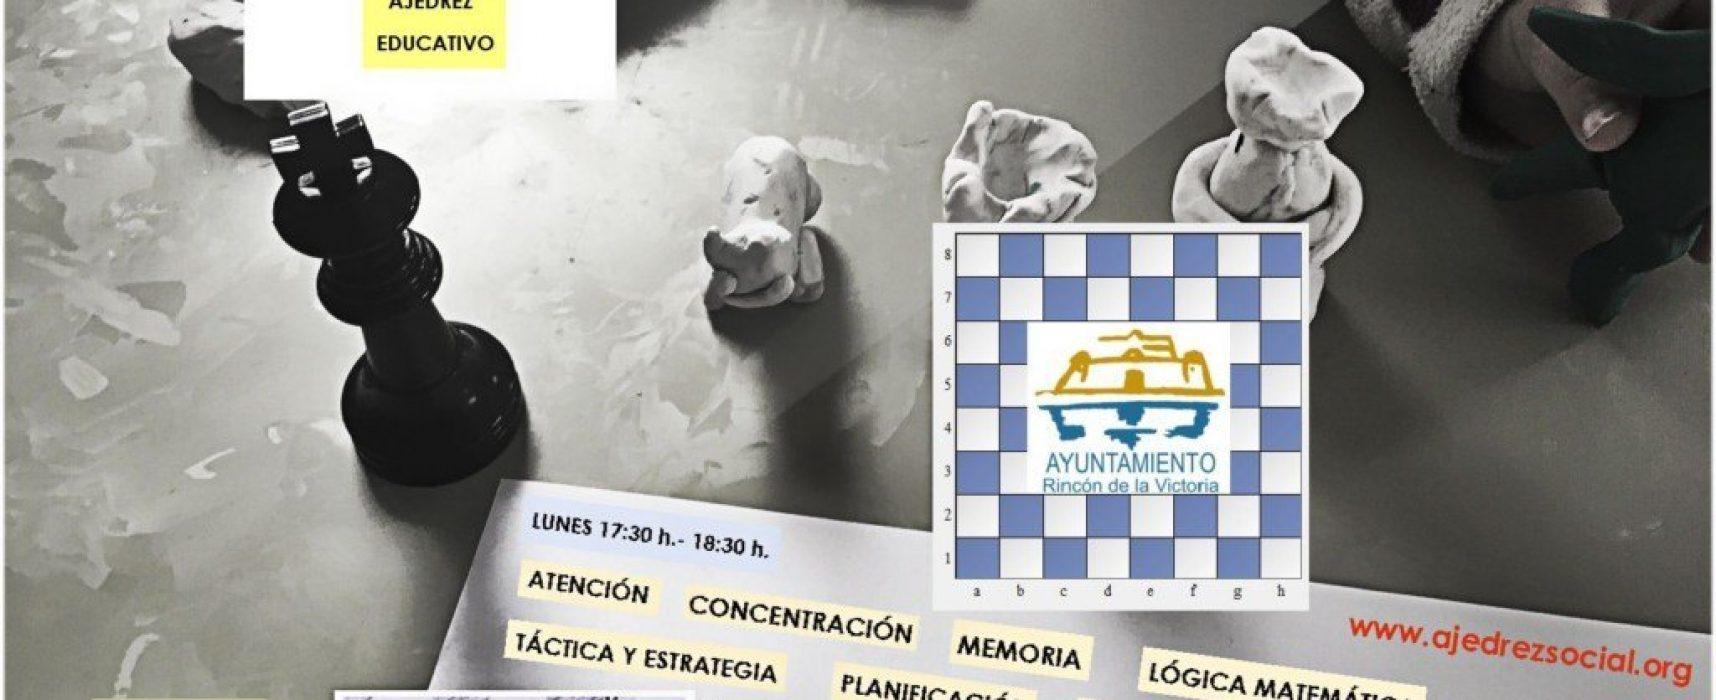 Nueva temporada de la Escuela Municipal de Ajedrez de Rincón de la Victoria